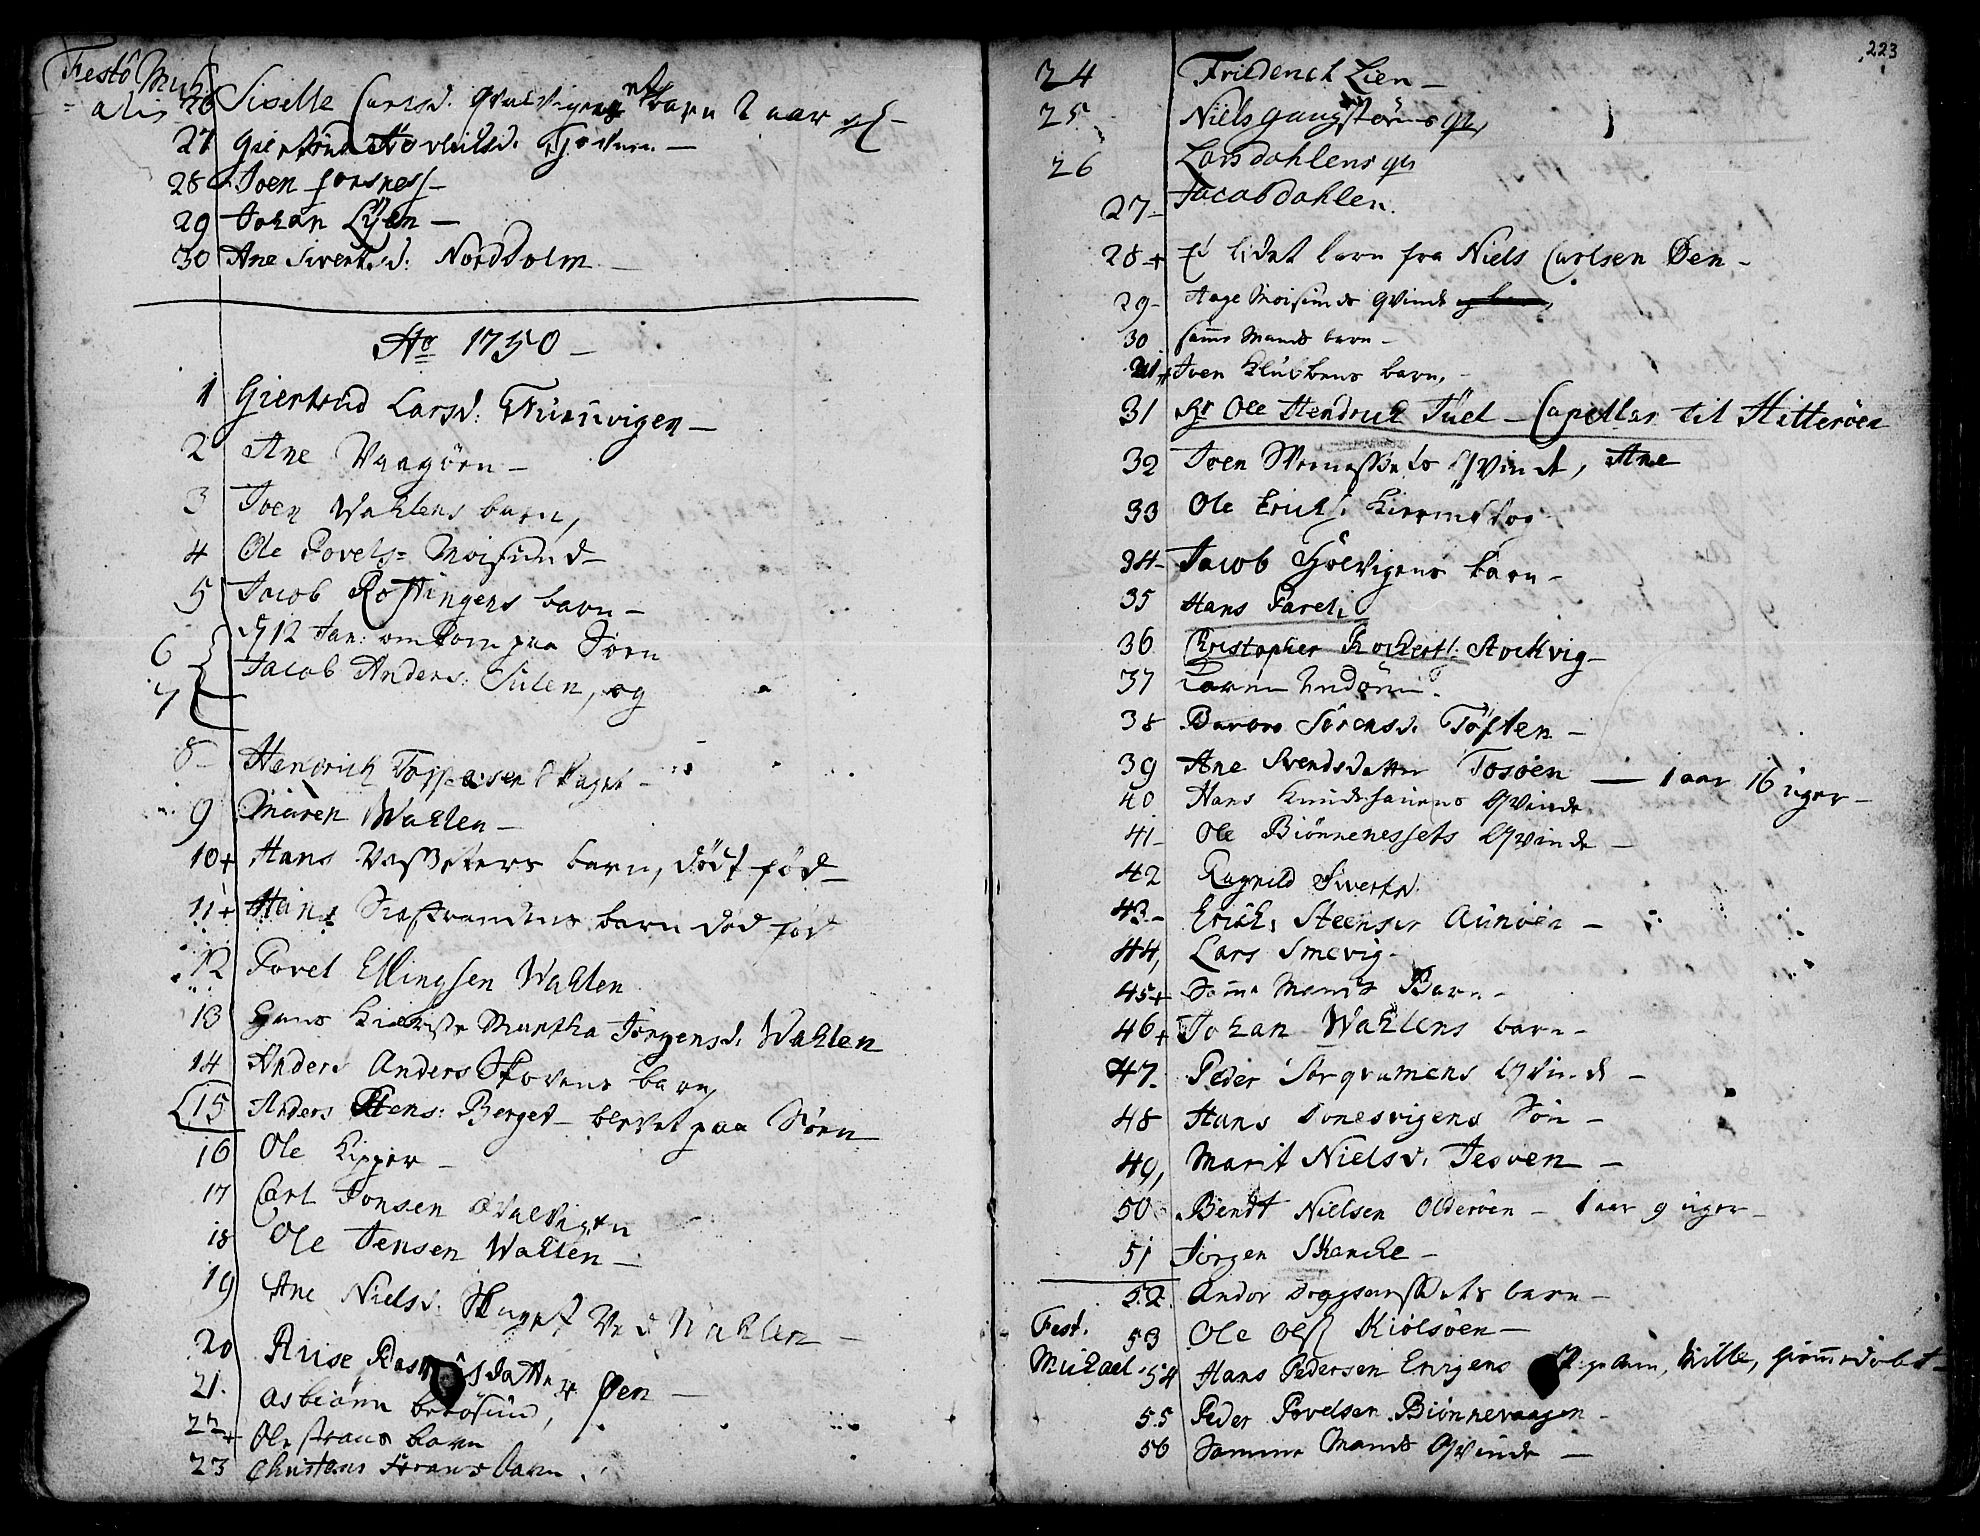 SAT, Ministerialprotokoller, klokkerbøker og fødselsregistre - Sør-Trøndelag, 634/L0525: Ministerialbok nr. 634A01, 1736-1775, s. 223